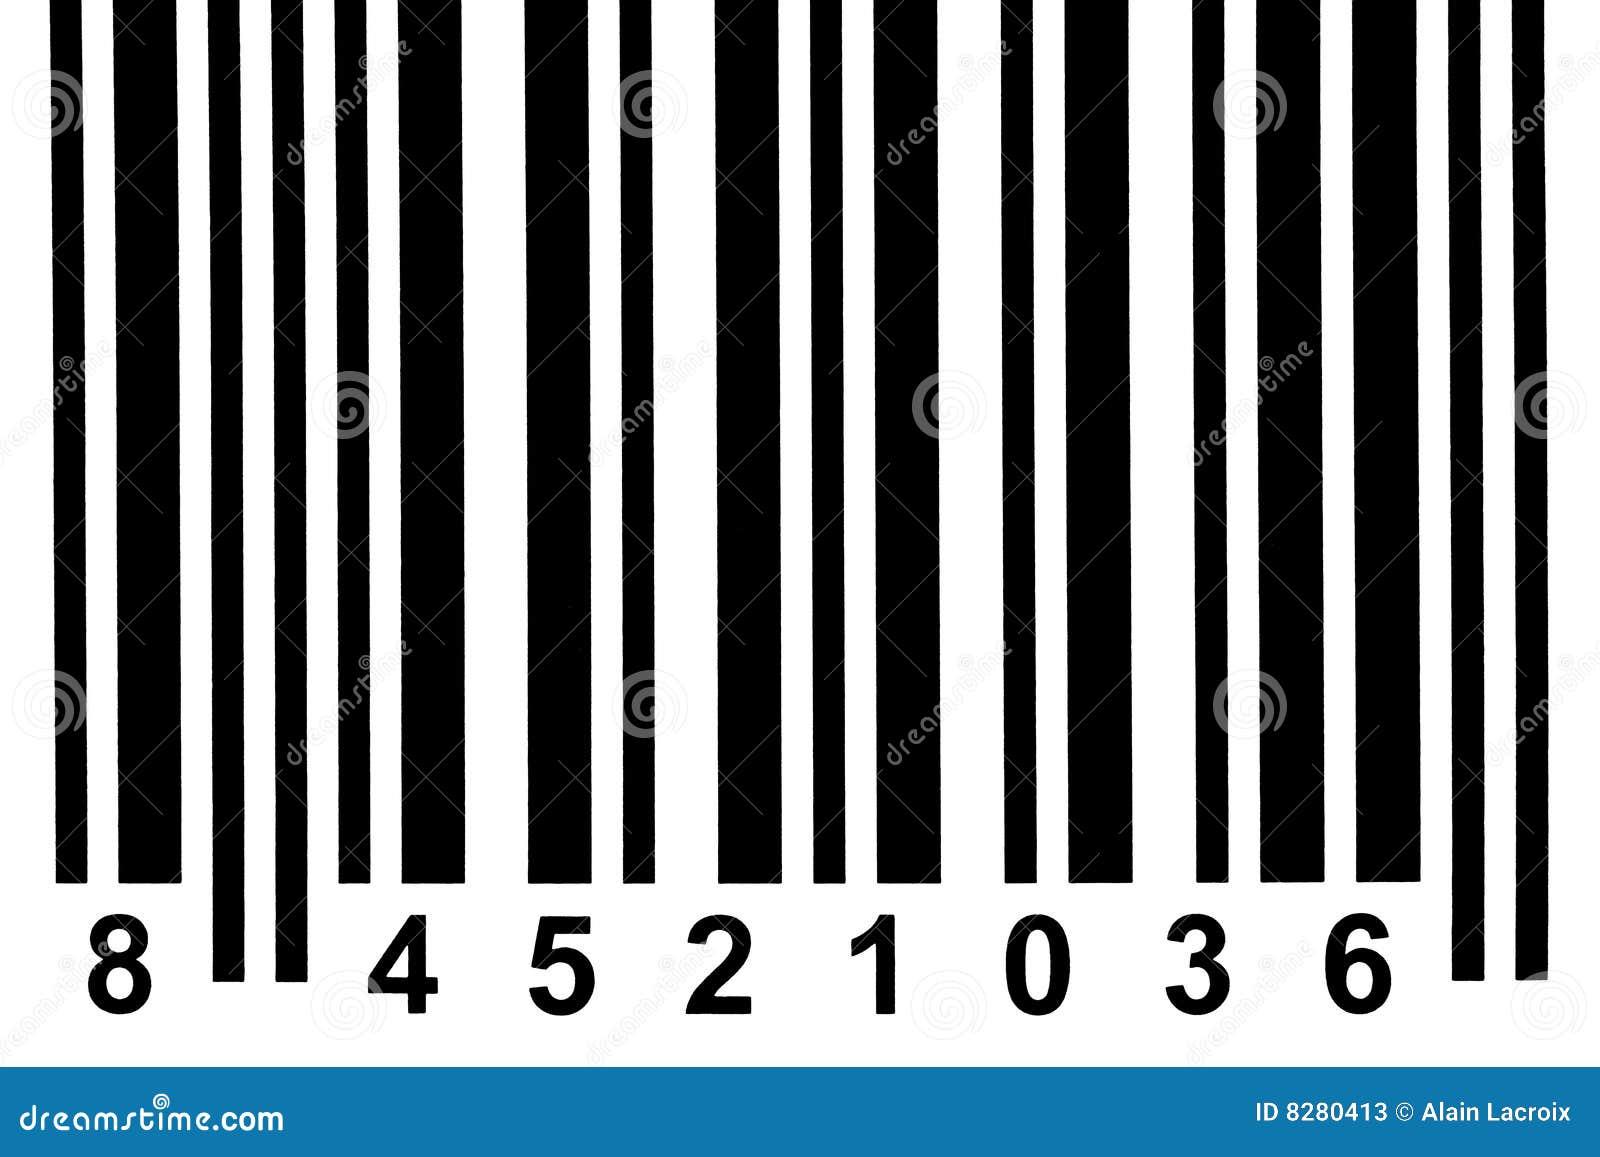 Detalhe do código de barras